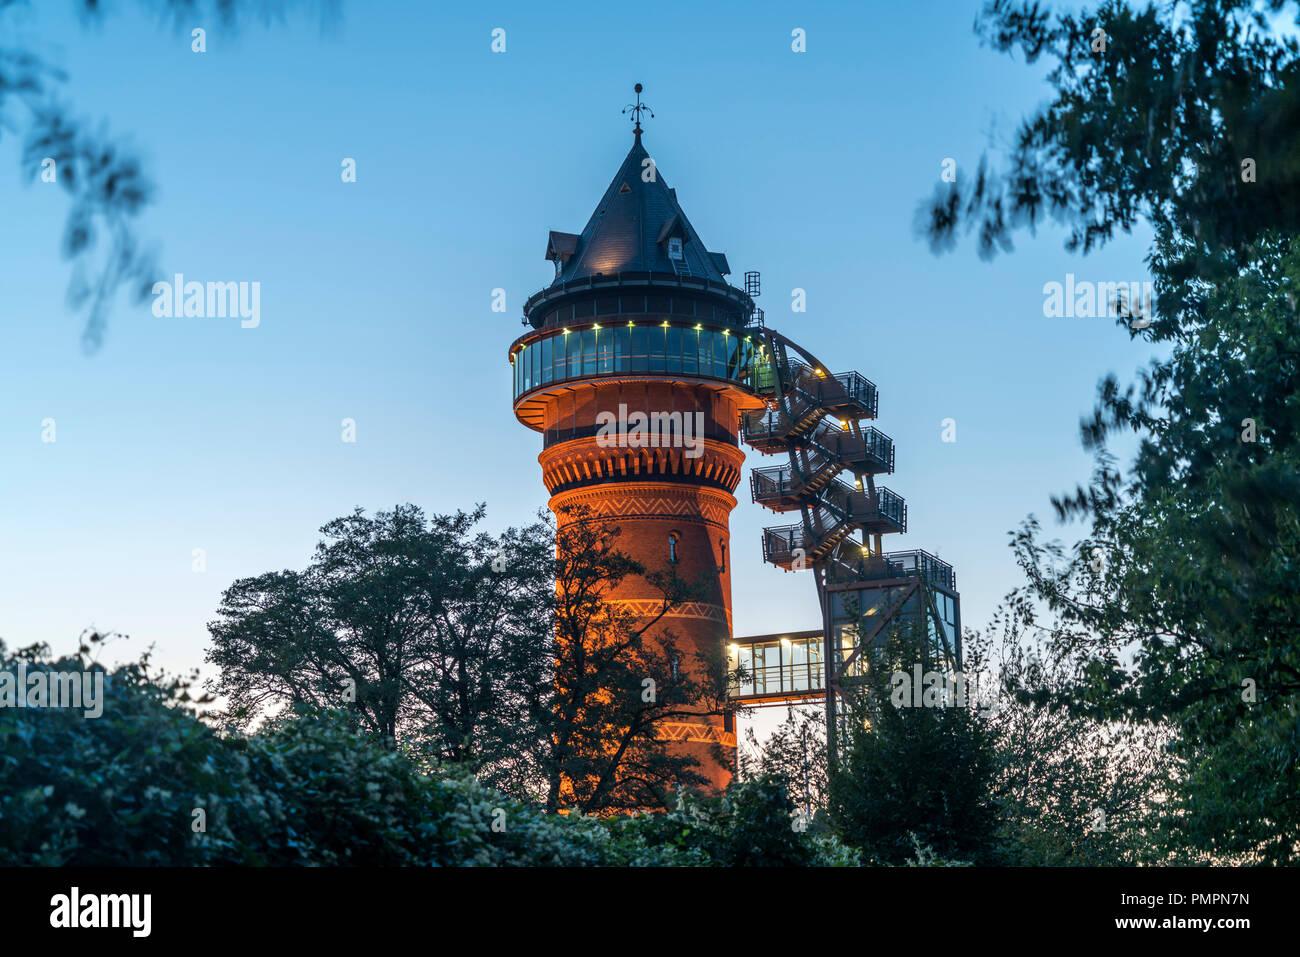 Wasserturm Aquarius Wassermuseum in Styrum in der Abenddämmerung, Mülheim an der Ruhr, Nordrhein-Westfalen, Deutschland, Europa |  water tower Aquariu - Stock Image